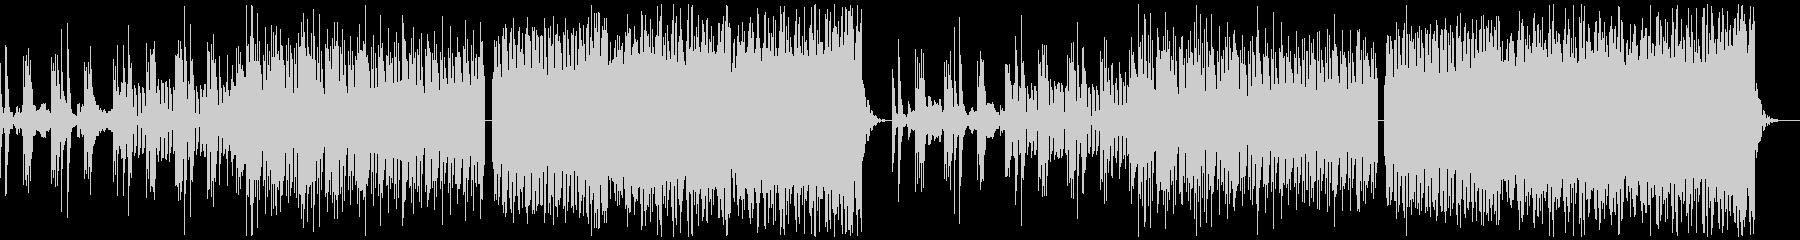 クール・スタイリッシュなBGM・6の未再生の波形